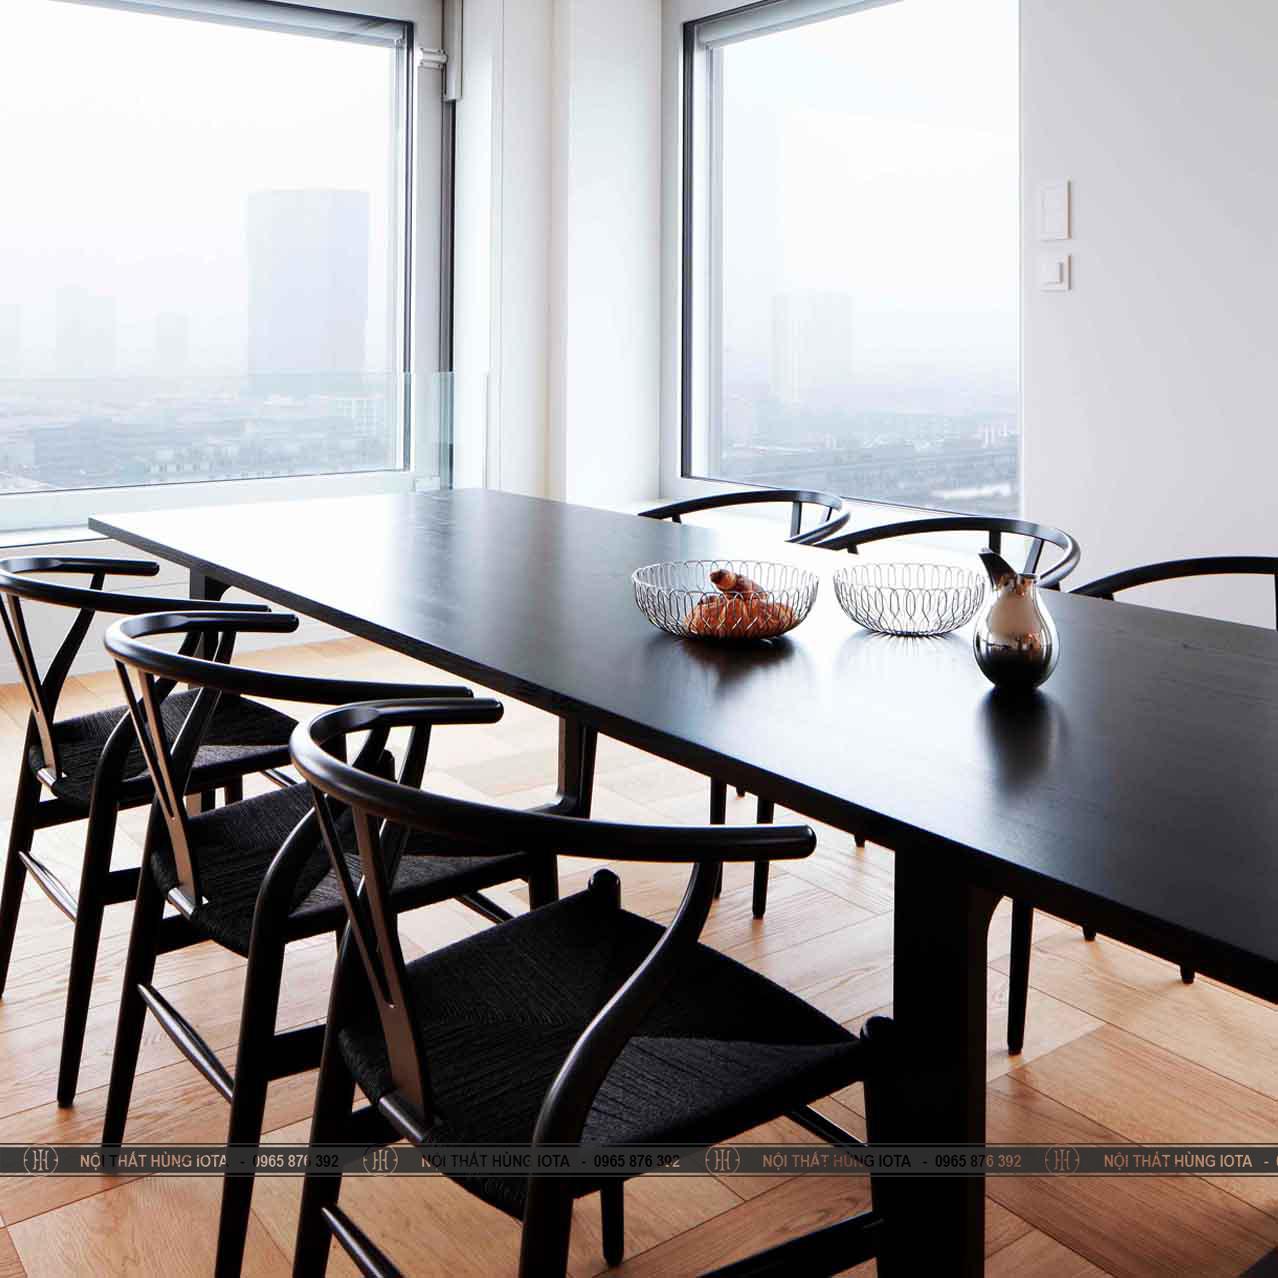 Bàn ghế decor wishbone đan mây gỗ sồi màu đen đẹp giá rẻ